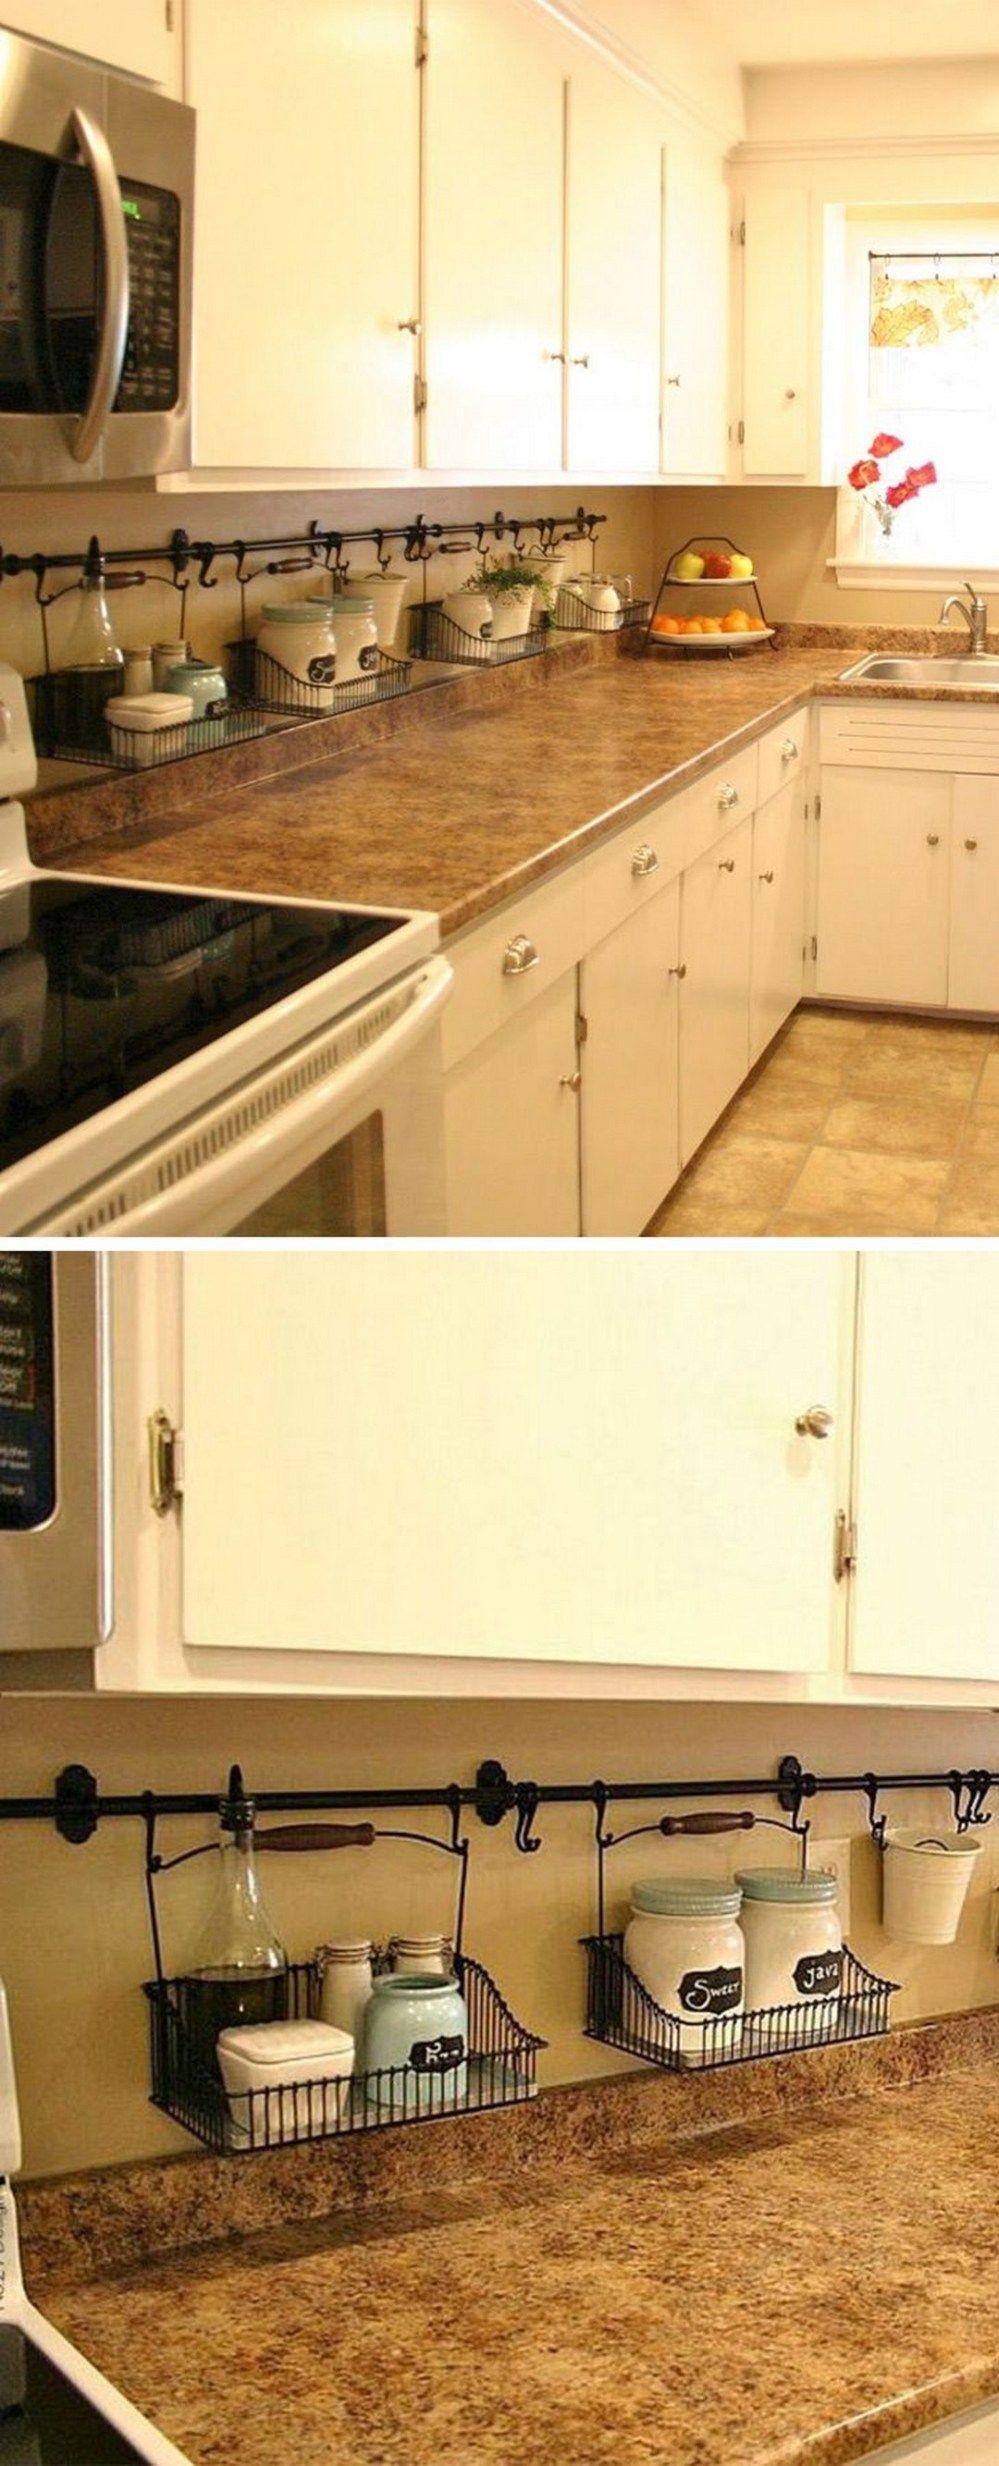 20 diy kitchen organization and storage hacks ideas 17 in 2020 small apartment hacks kitchen on kitchen organization small apartment id=99261